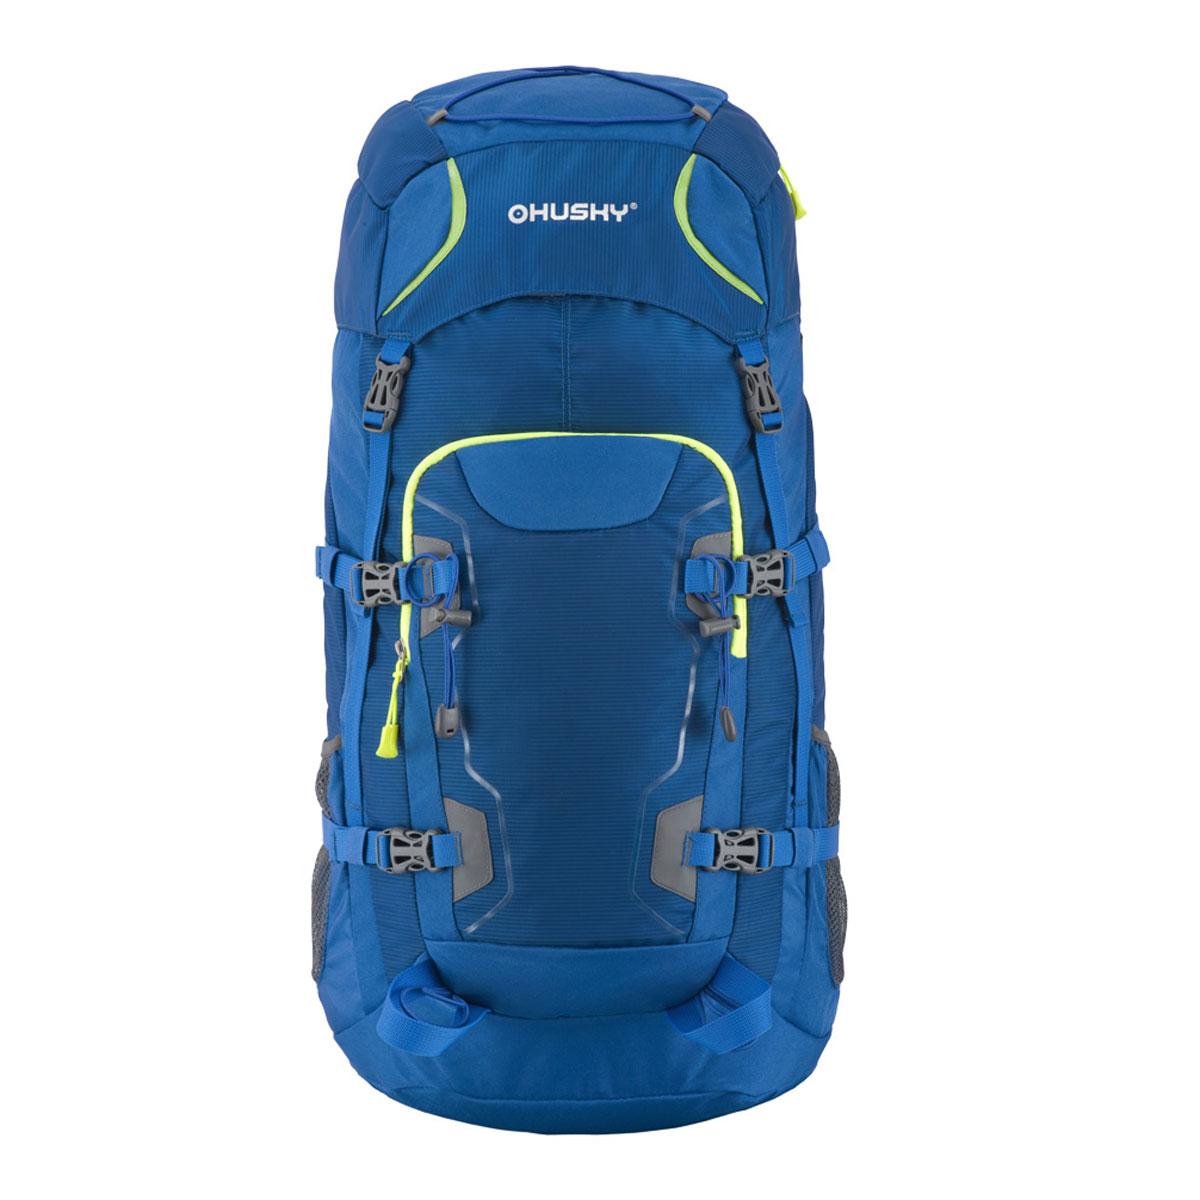 Рюкзак туристический Husky Sloper 45, цвет: синий туристический рюкзак adidas s20091 2015